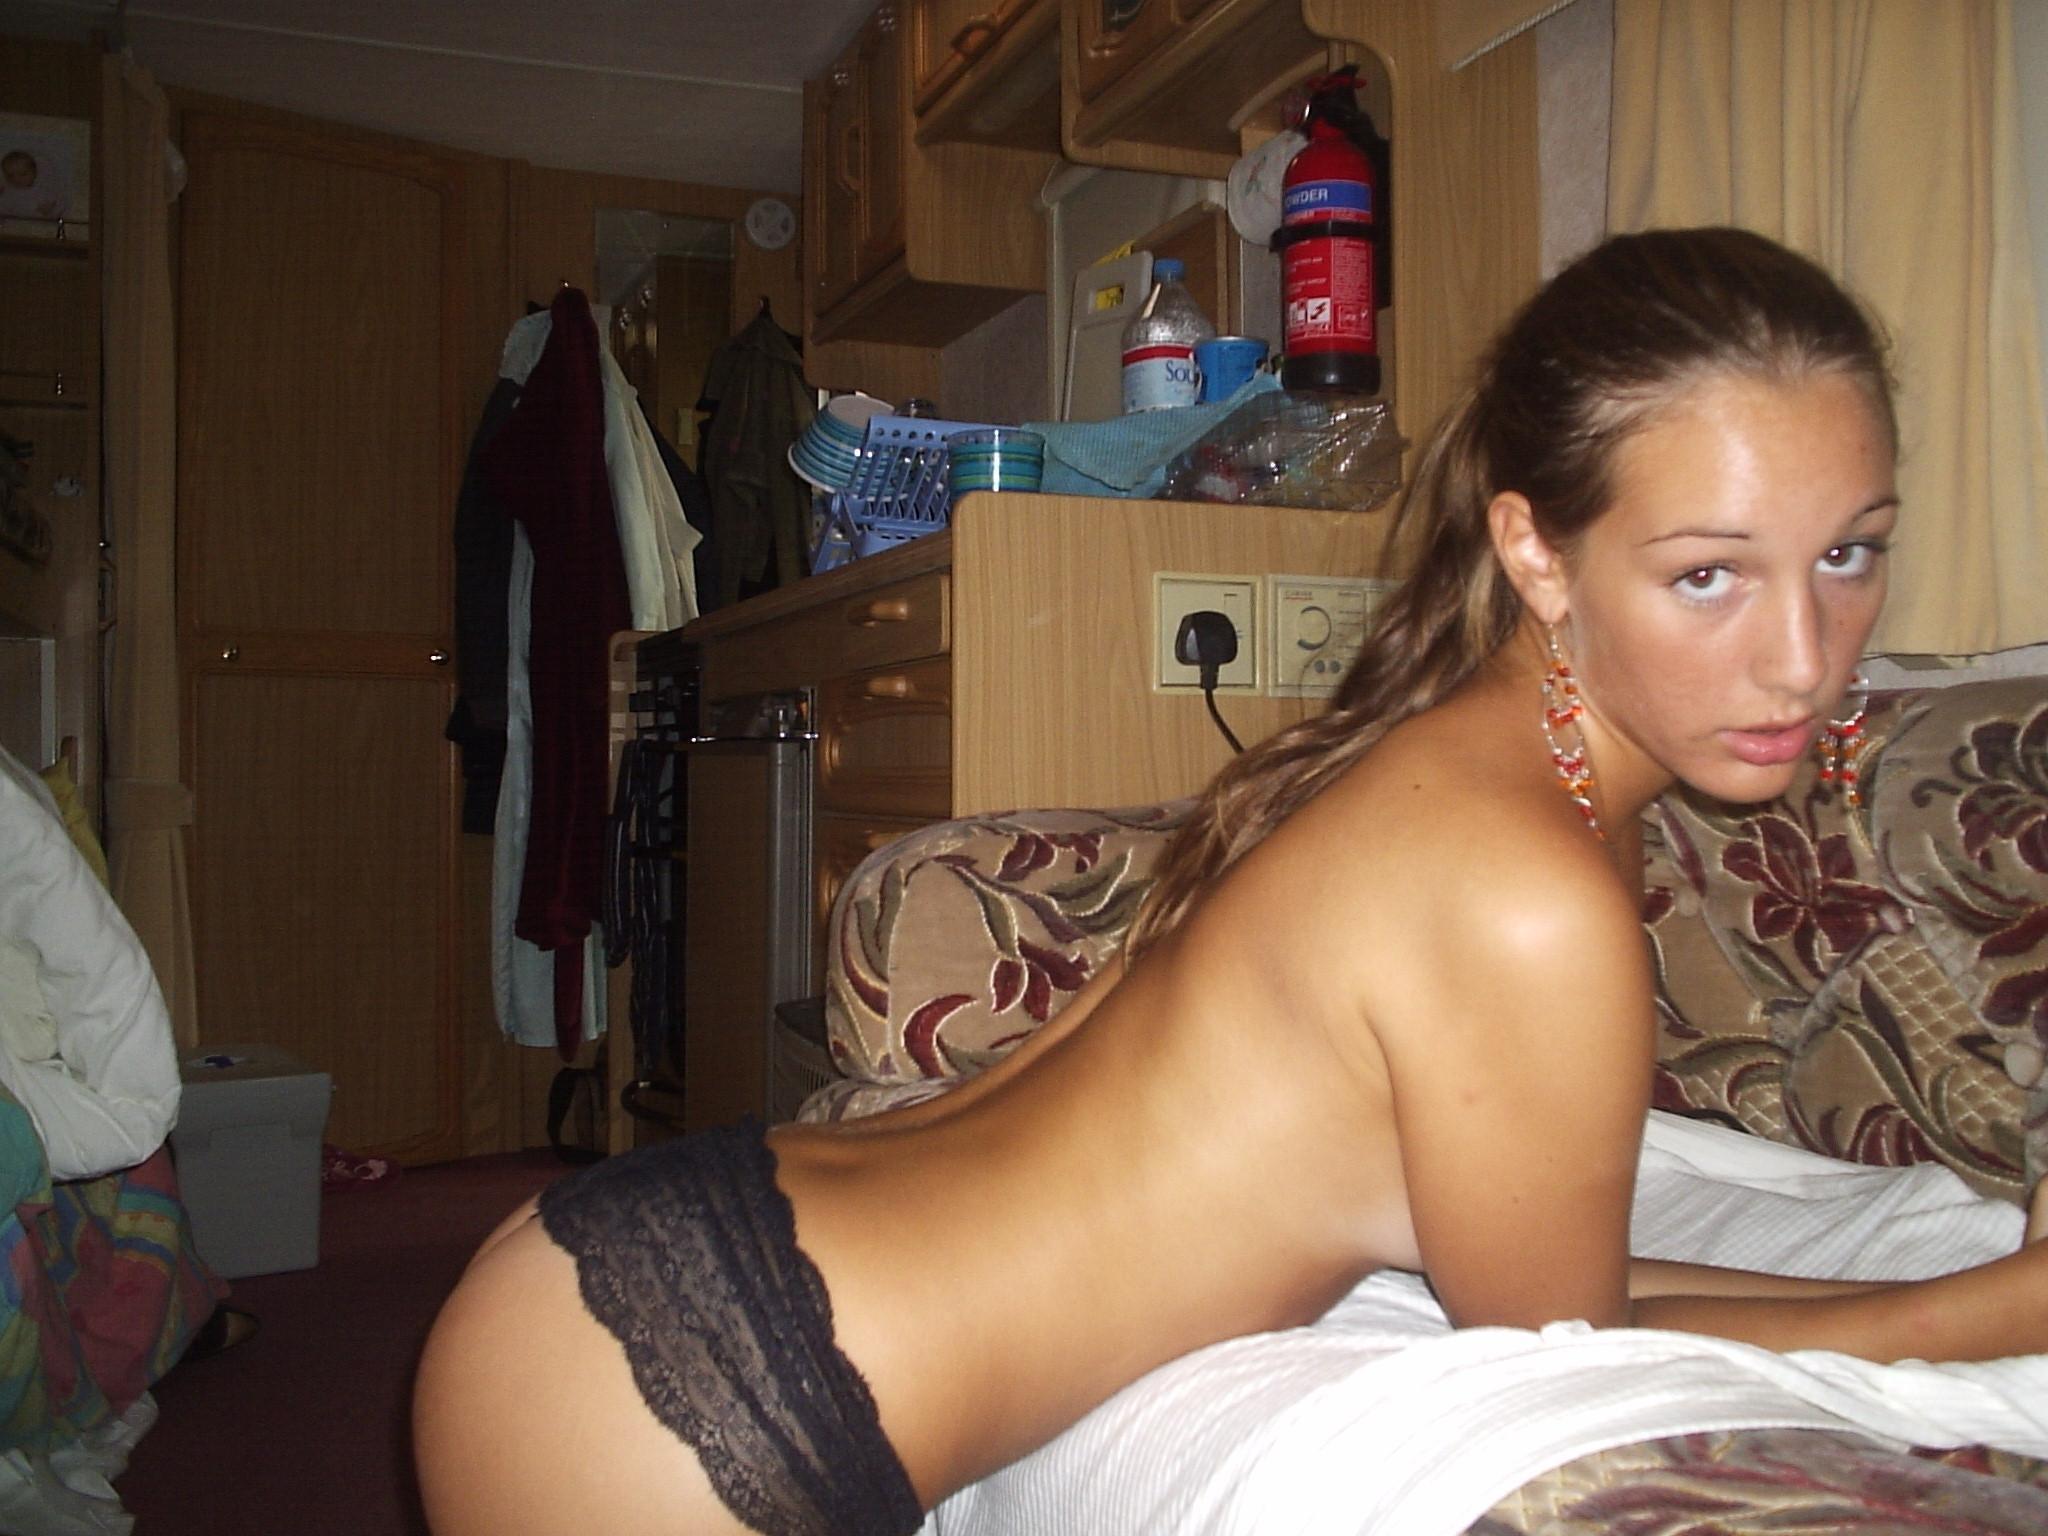 Частное фотоподборка девушек, Большая подборка голых баб порно фото 13 фотография